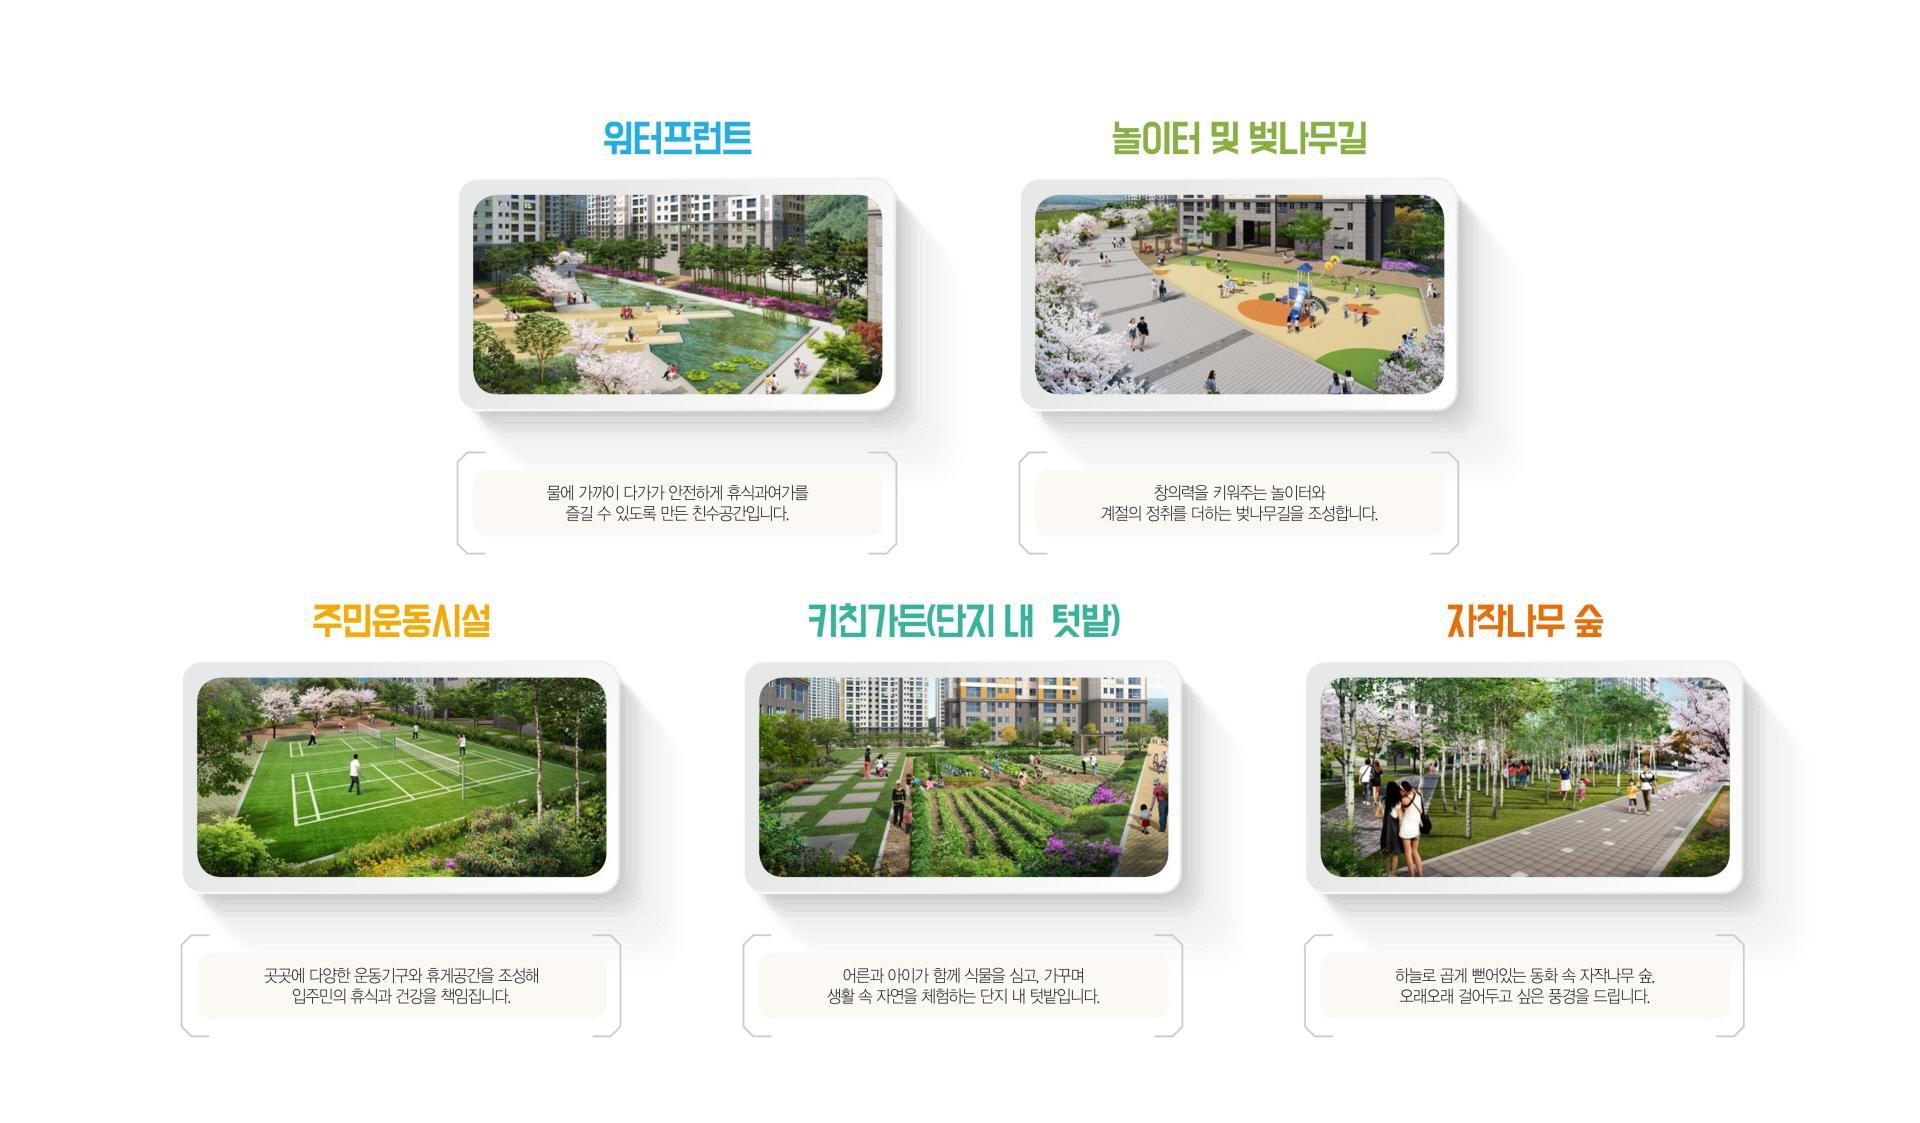 김포사우스카이타운 조경계획